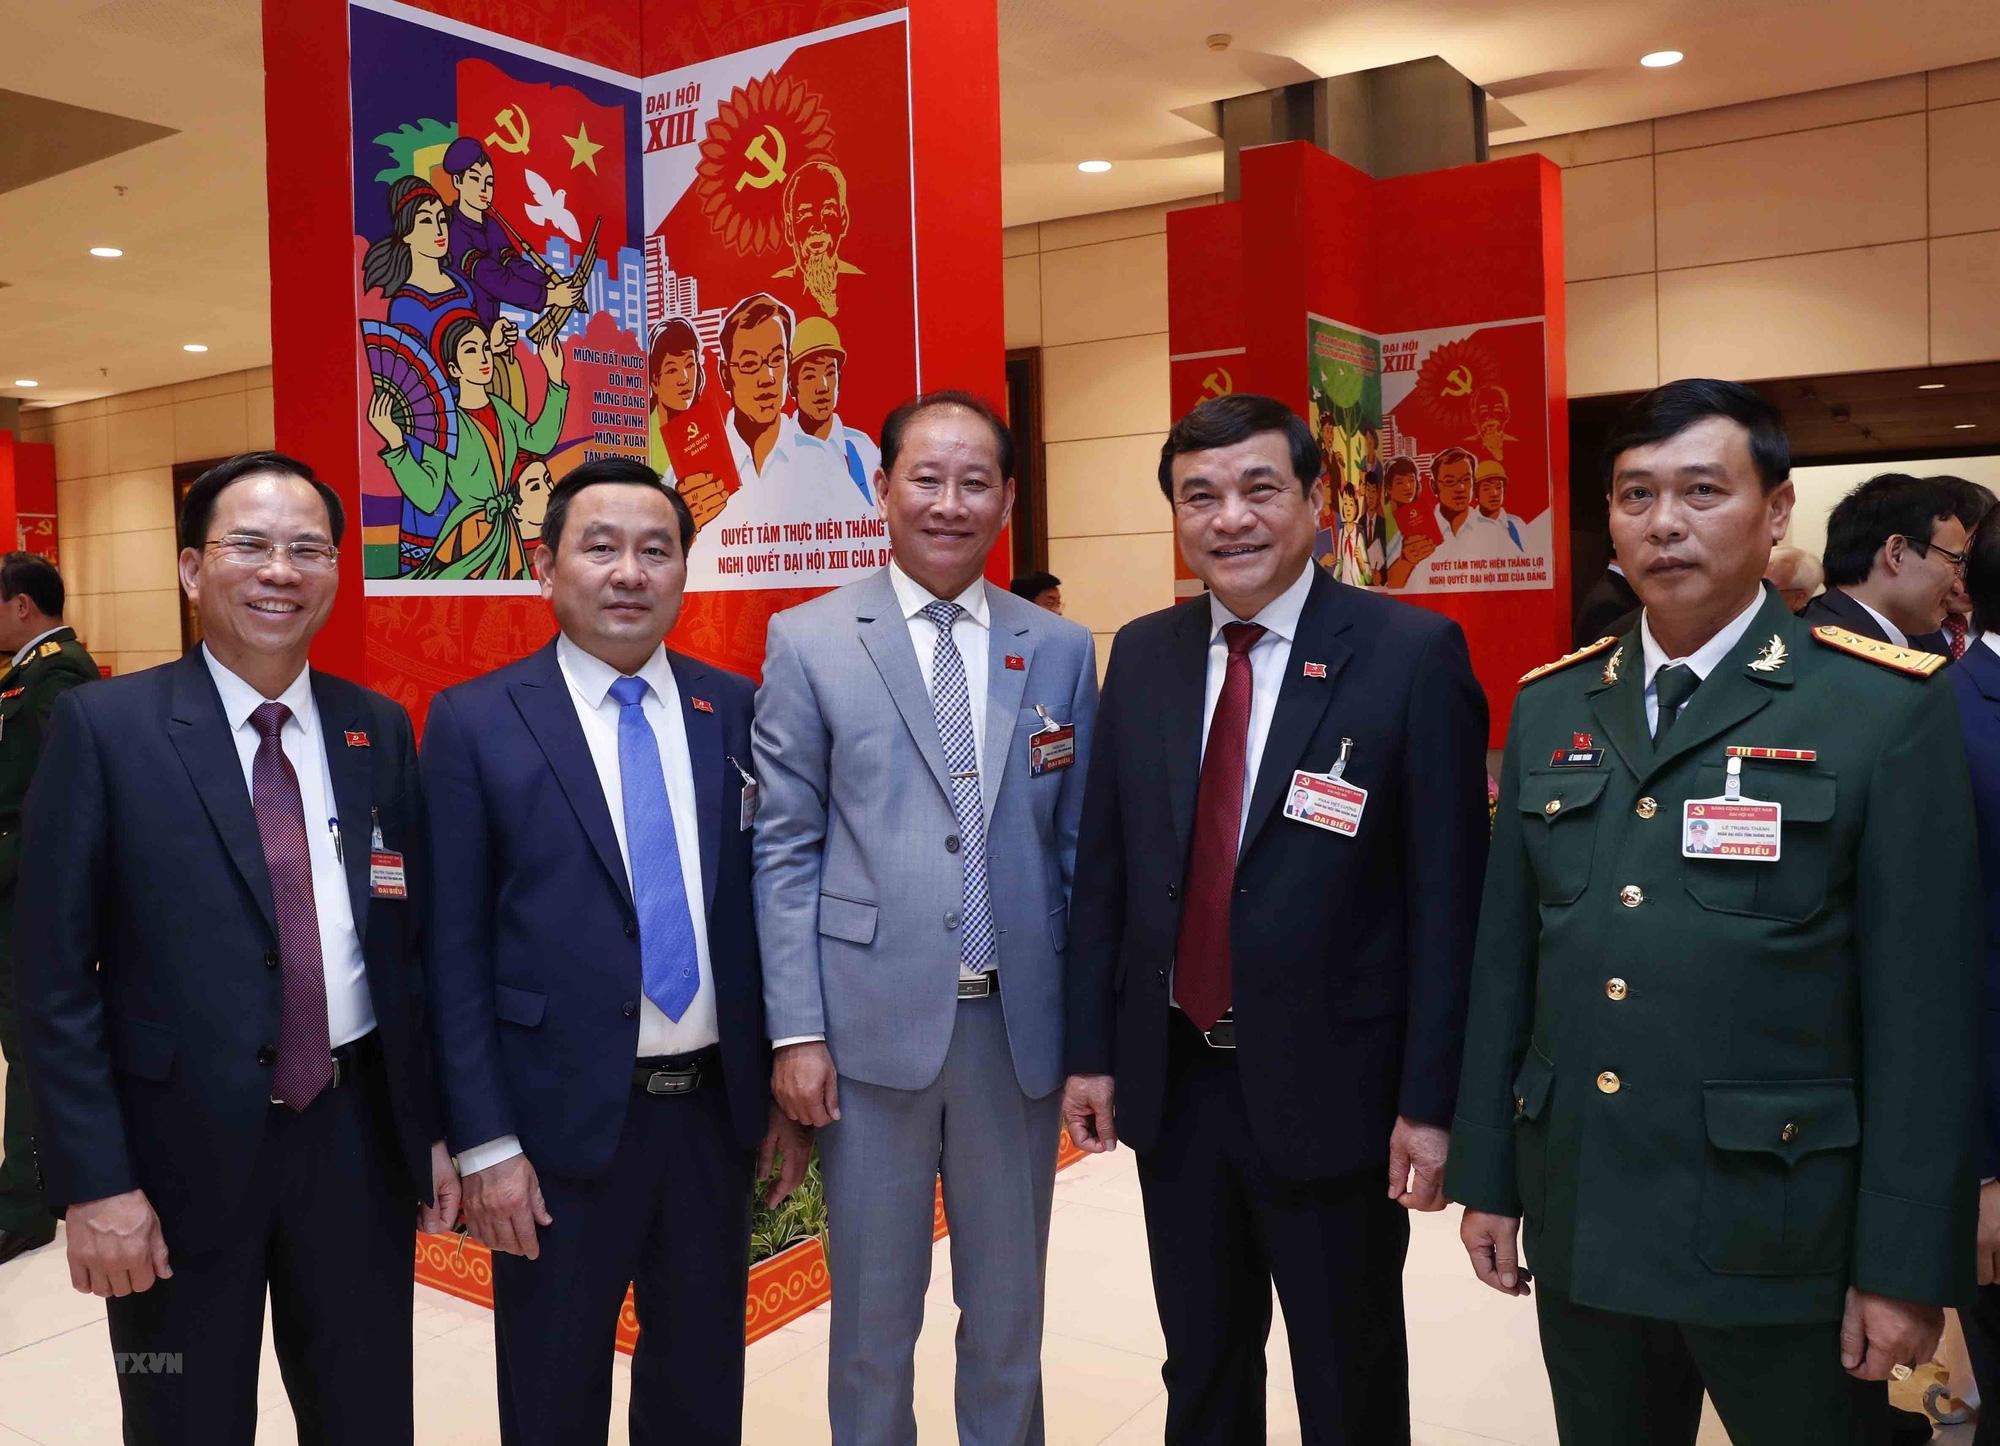 Tổng Bí thư, Chủ tịch nước dự phiên họp trù bị Đại hội Đảng XIII - Ảnh 13.